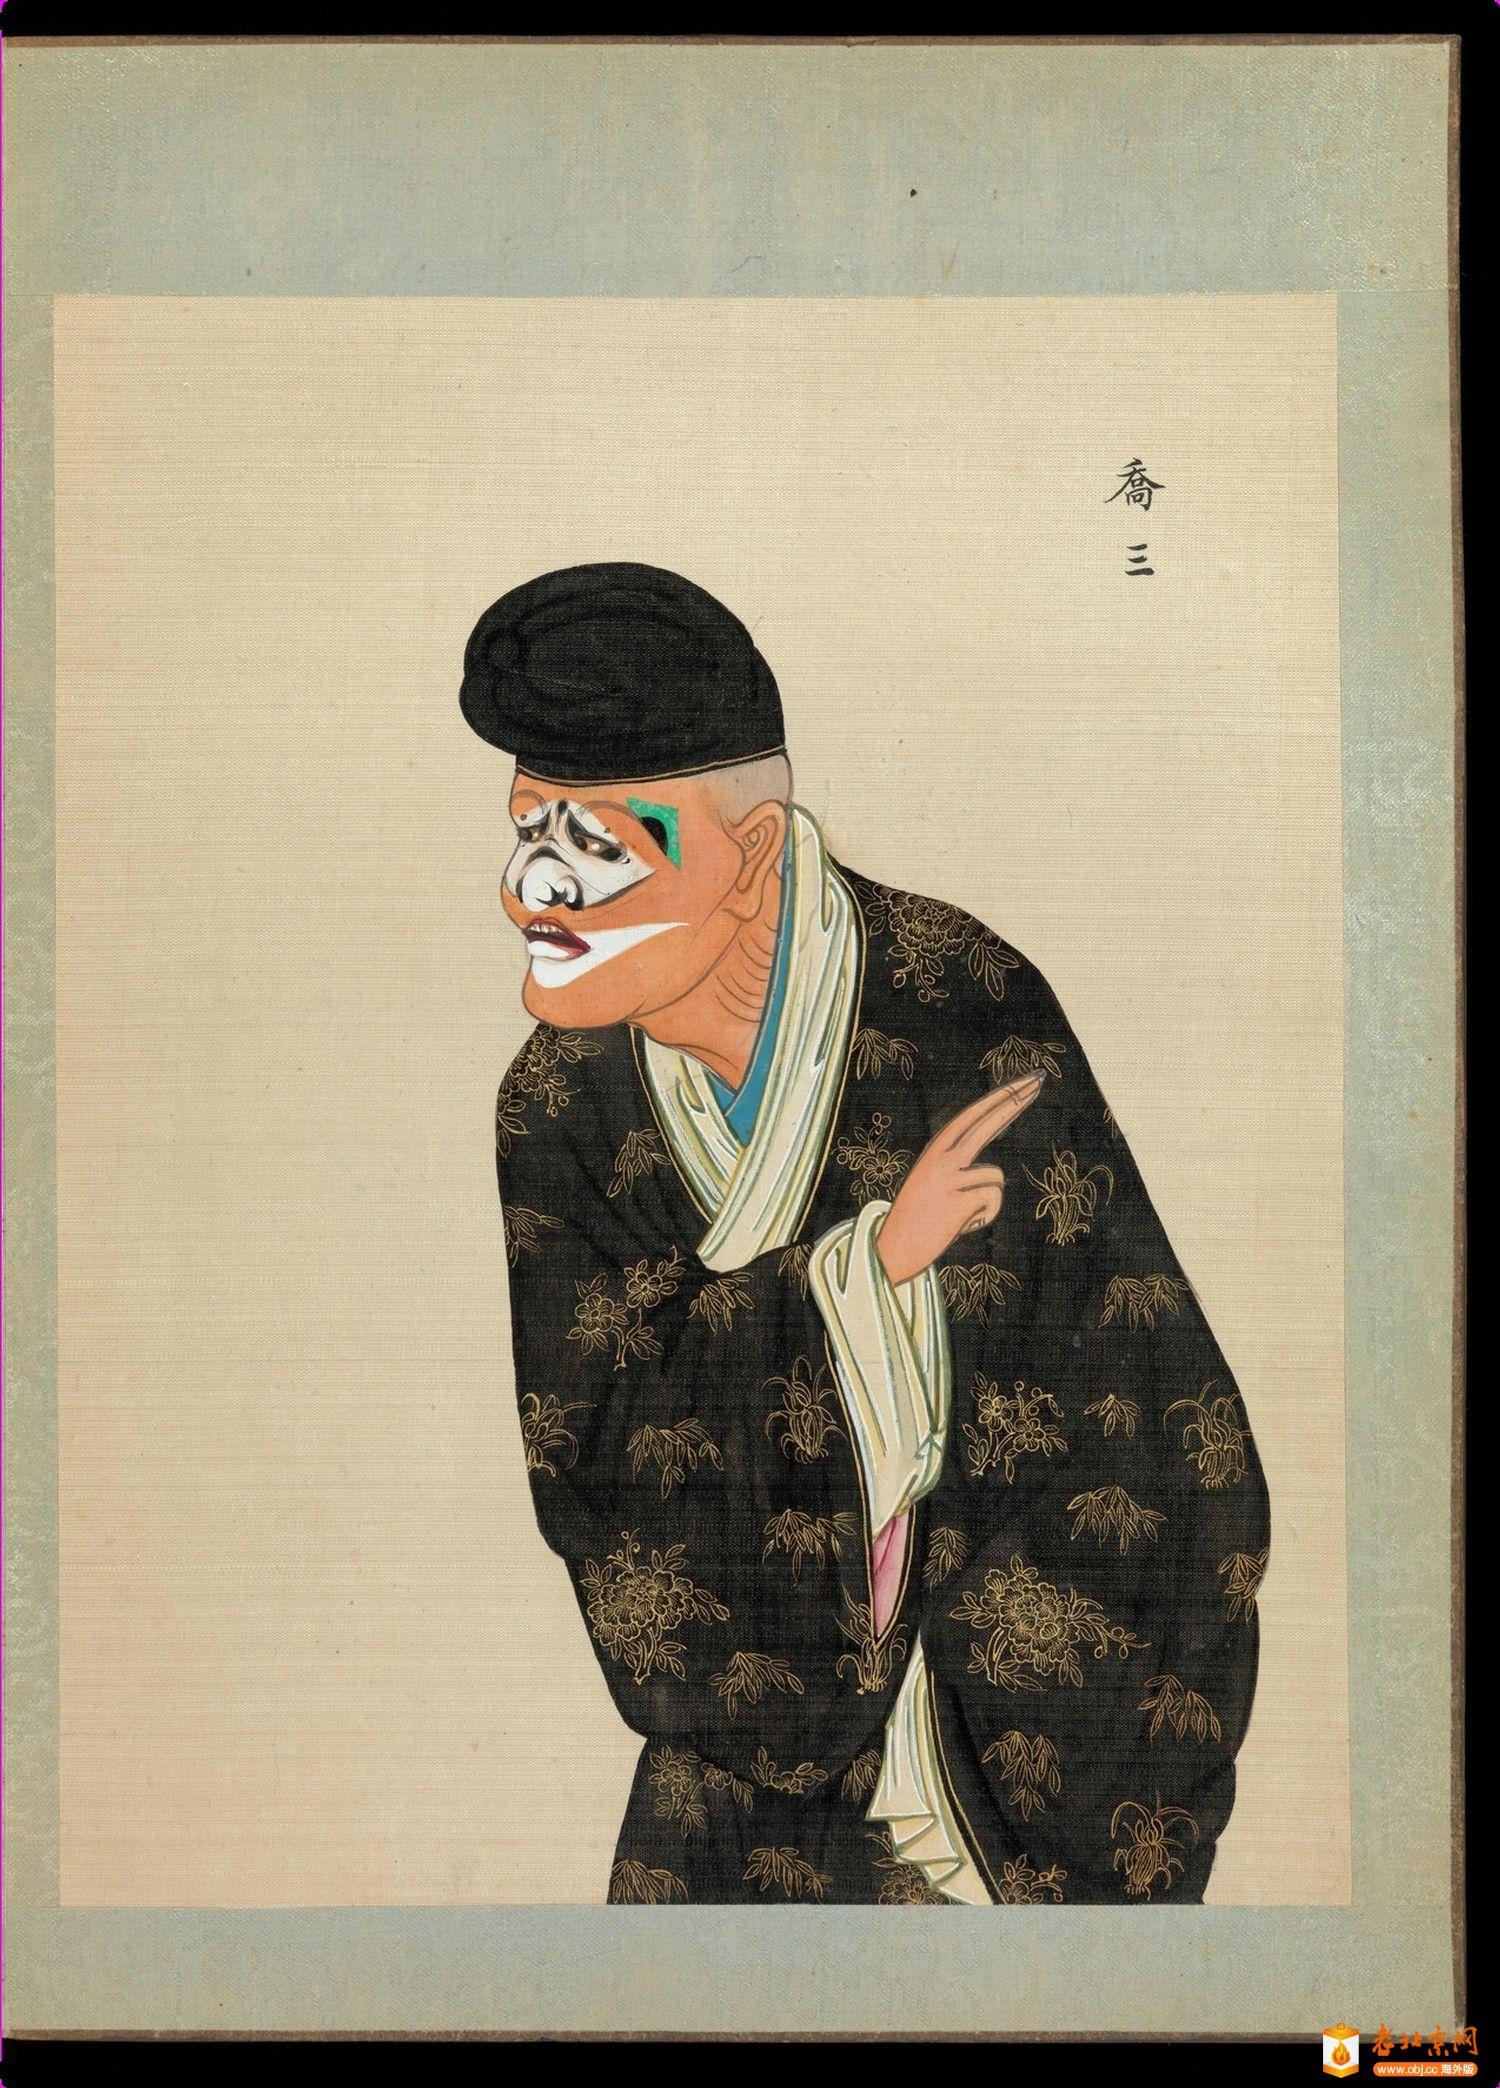 百幅京剧人物图.清代_page80_image1.jpg